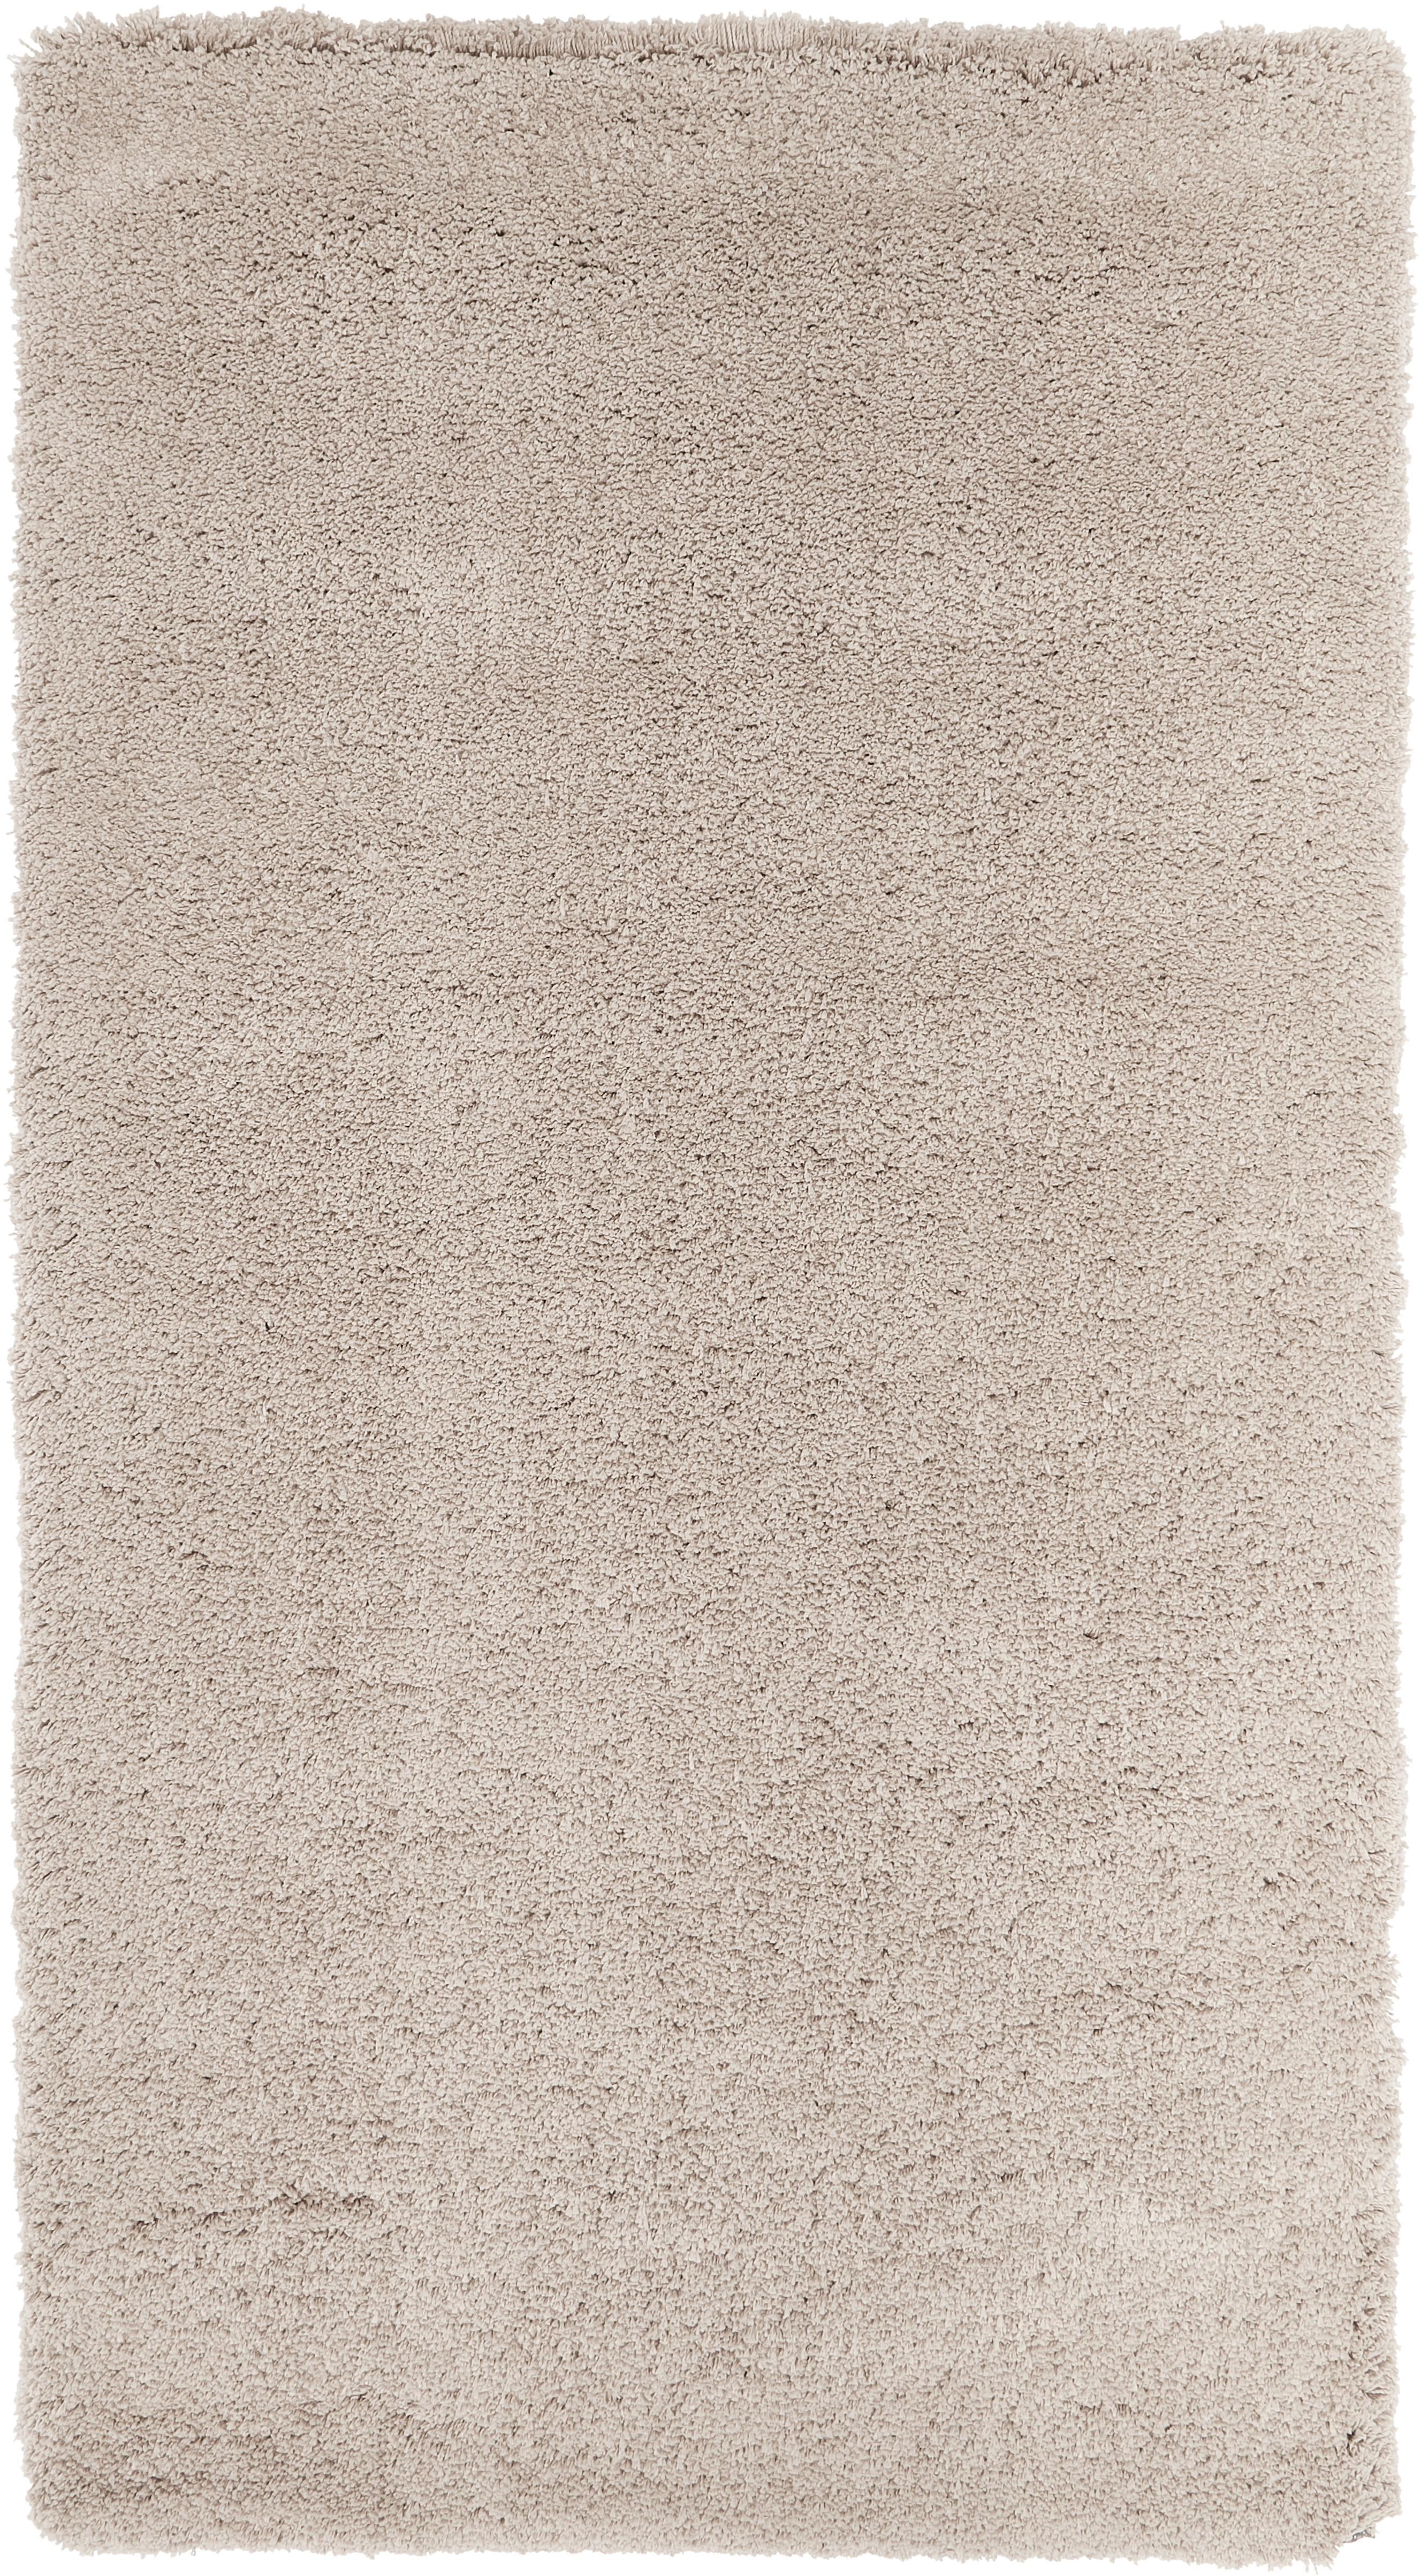 Puszysty dywan z wysokim stosem Leighton, Beżowo-brązowy, S 80 x D 150 cm (Rozmiar XS)